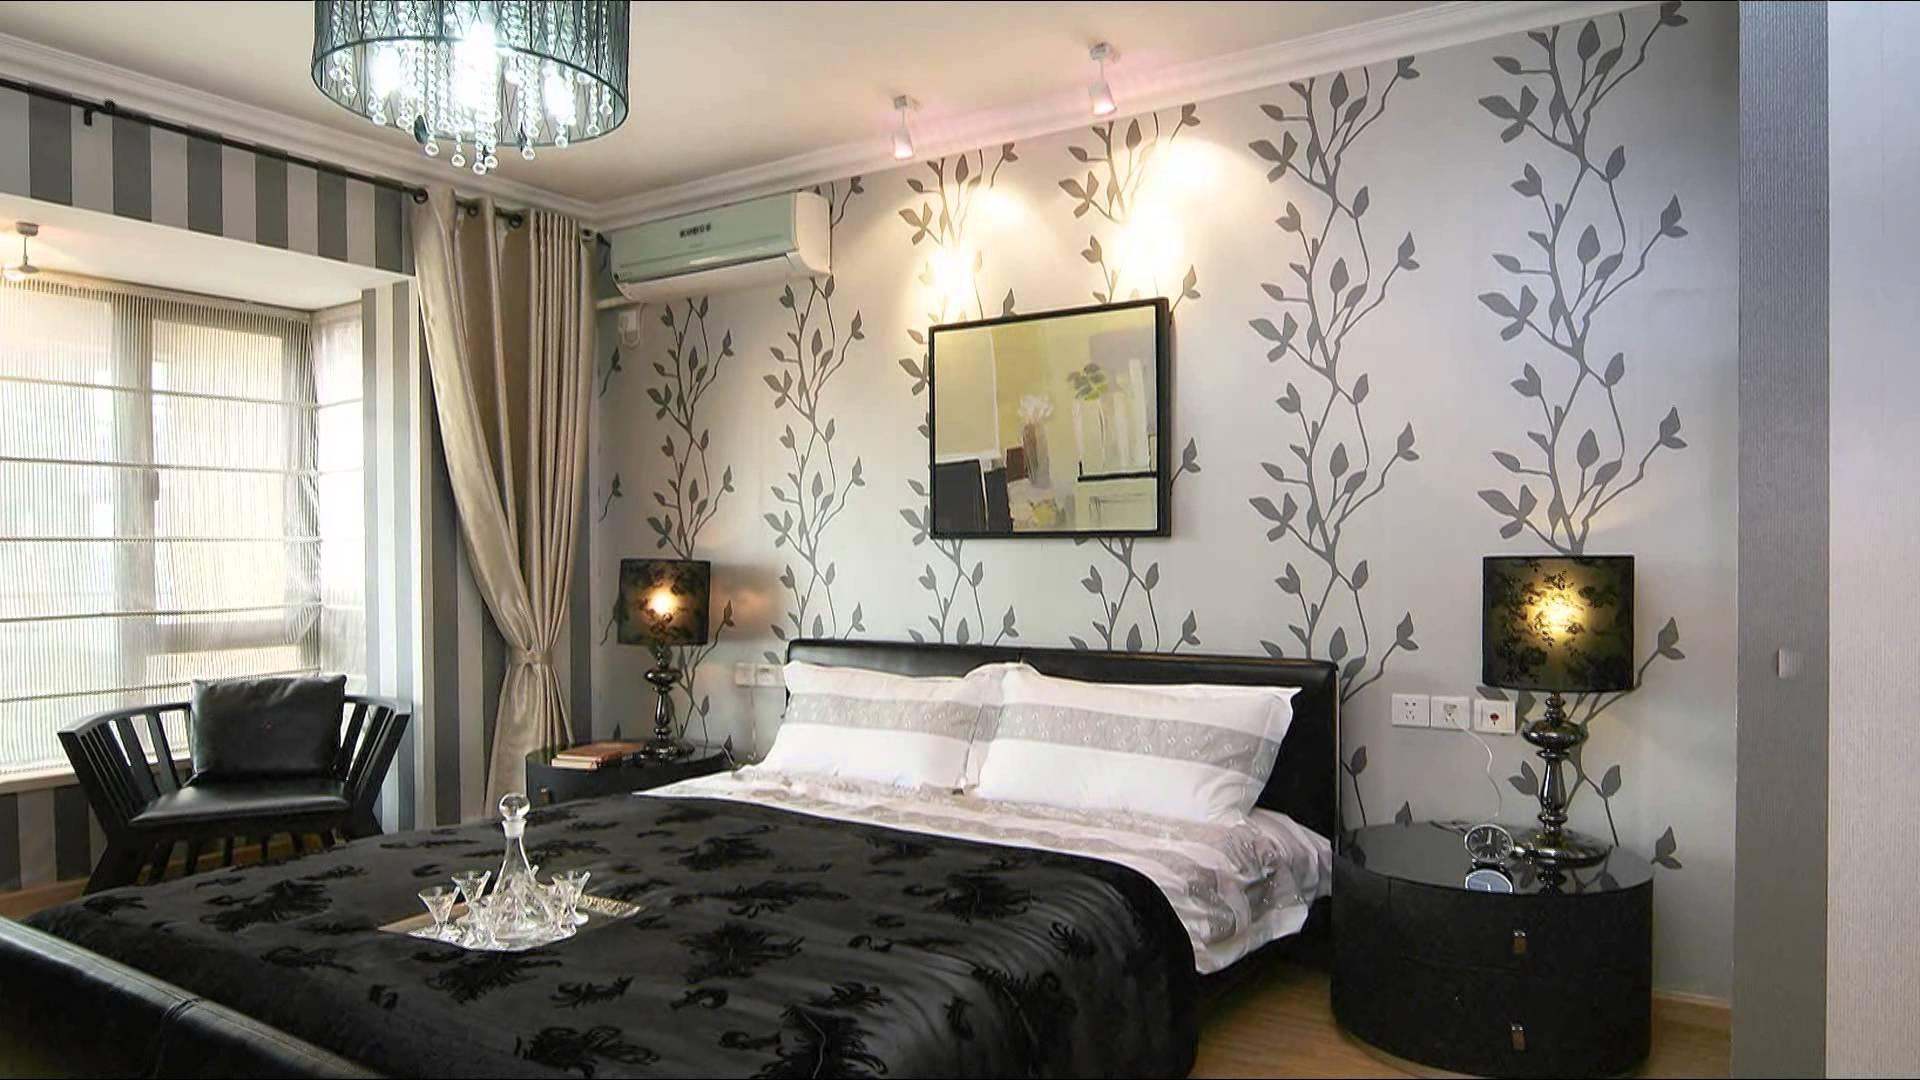 Обои для спальни фото в интерьере для маленьких комнат - 30